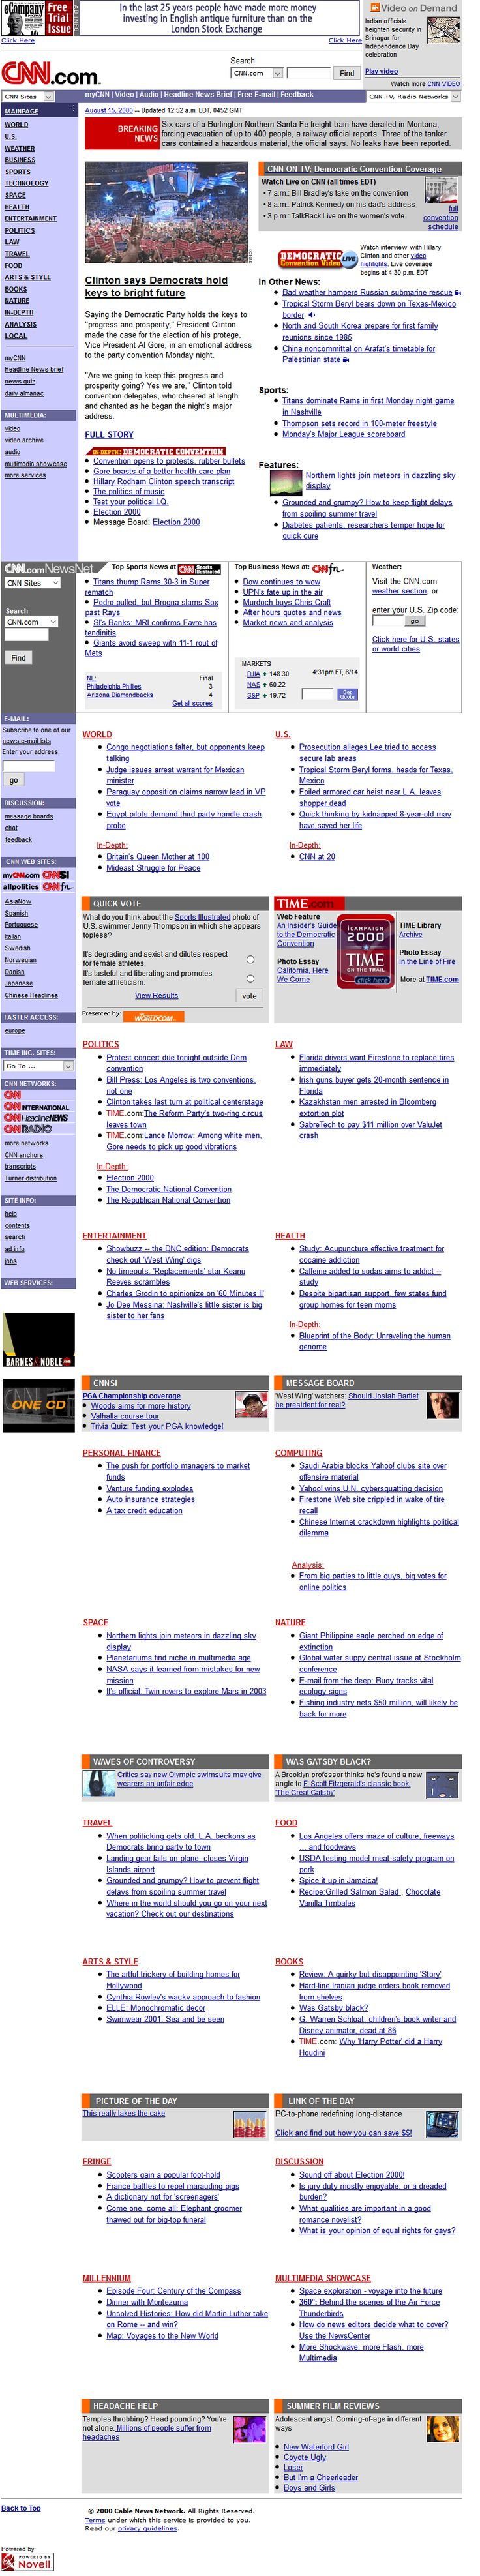 CNN.com website in 2000